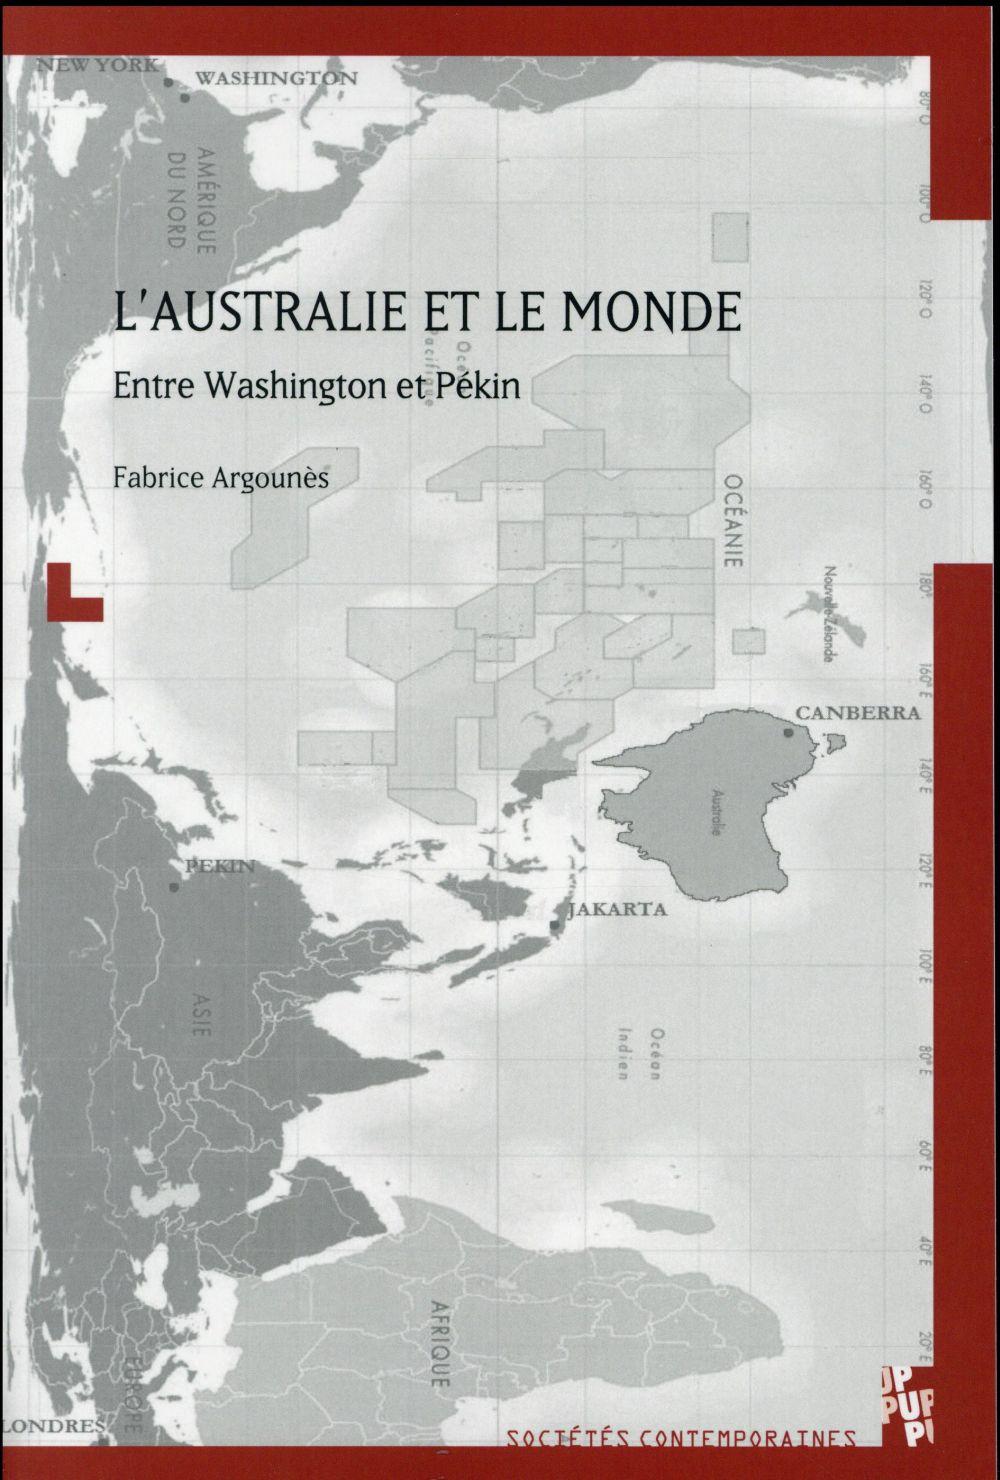 L'AUSTRALIE ET LE MONDE ENTRE WASHINGTON ET PEKIN